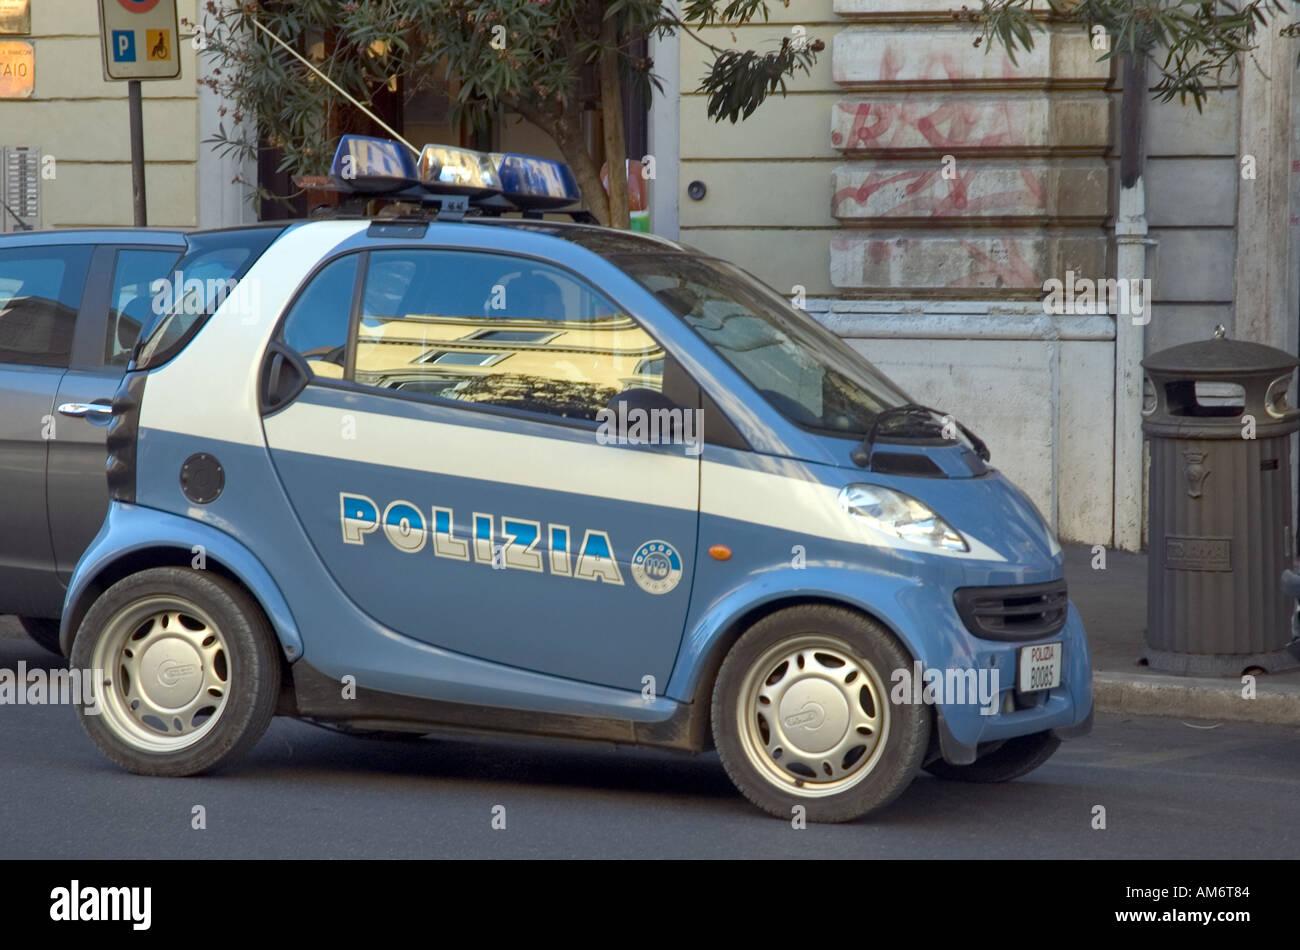 Una piccola smart auto usate dalle forze di polizia in - Auto usate porta portese roma ...